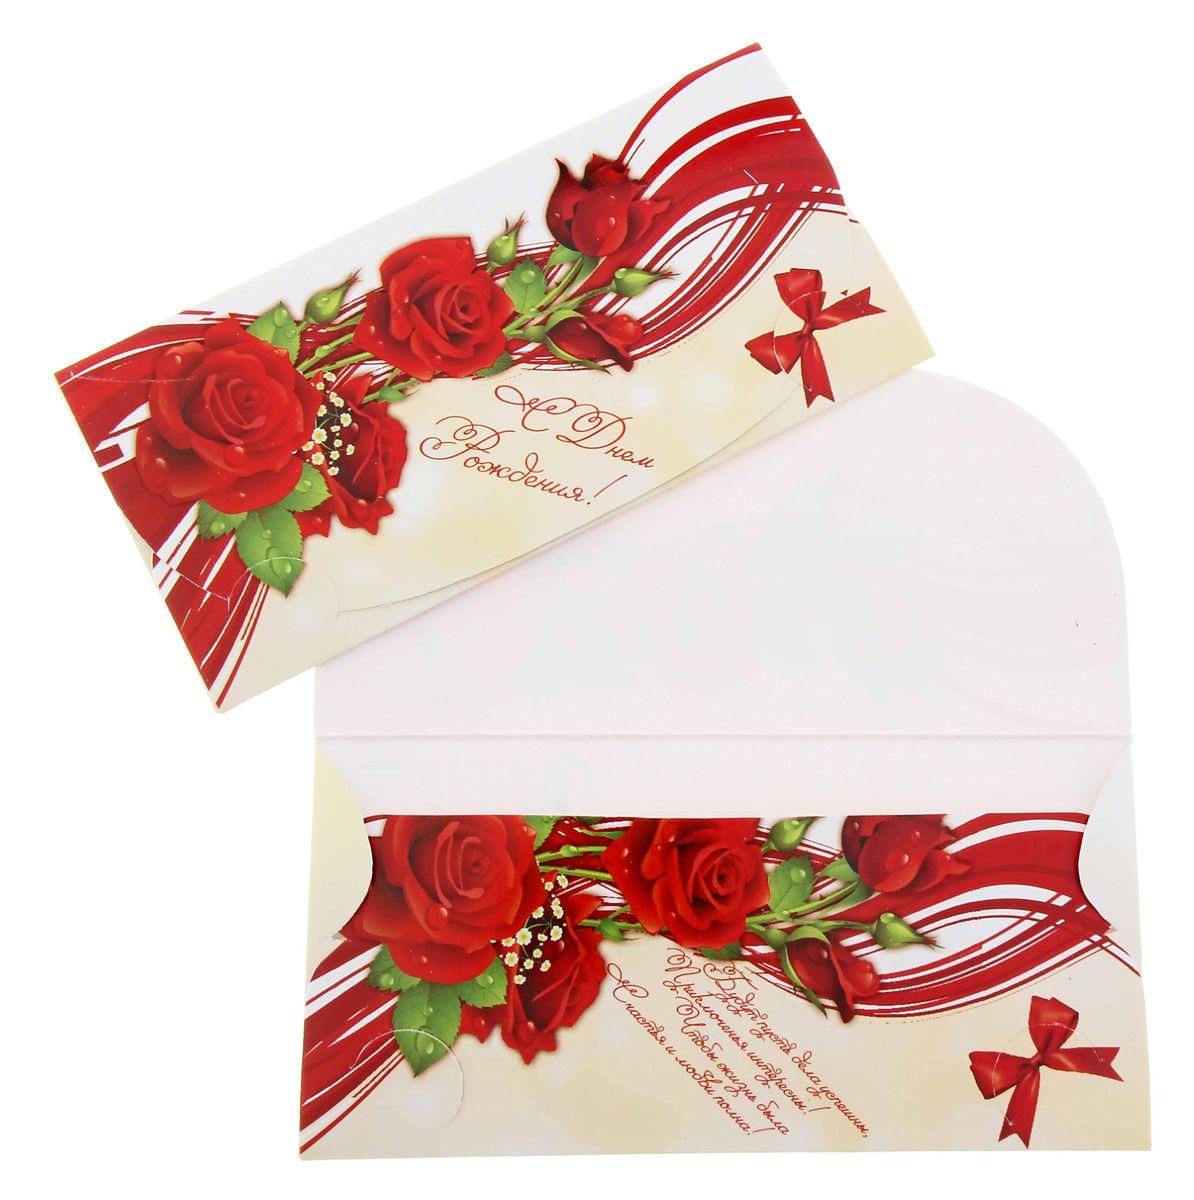 Конверт для денег С Днем Рождения. 191180191180Конверт для денег С Днем Рождения, изготовленный из плотного картона, украшен ярким принтом с надписью, продолжение которой - внутри конверта. Конверт отлично подойдет для денежного подарка.